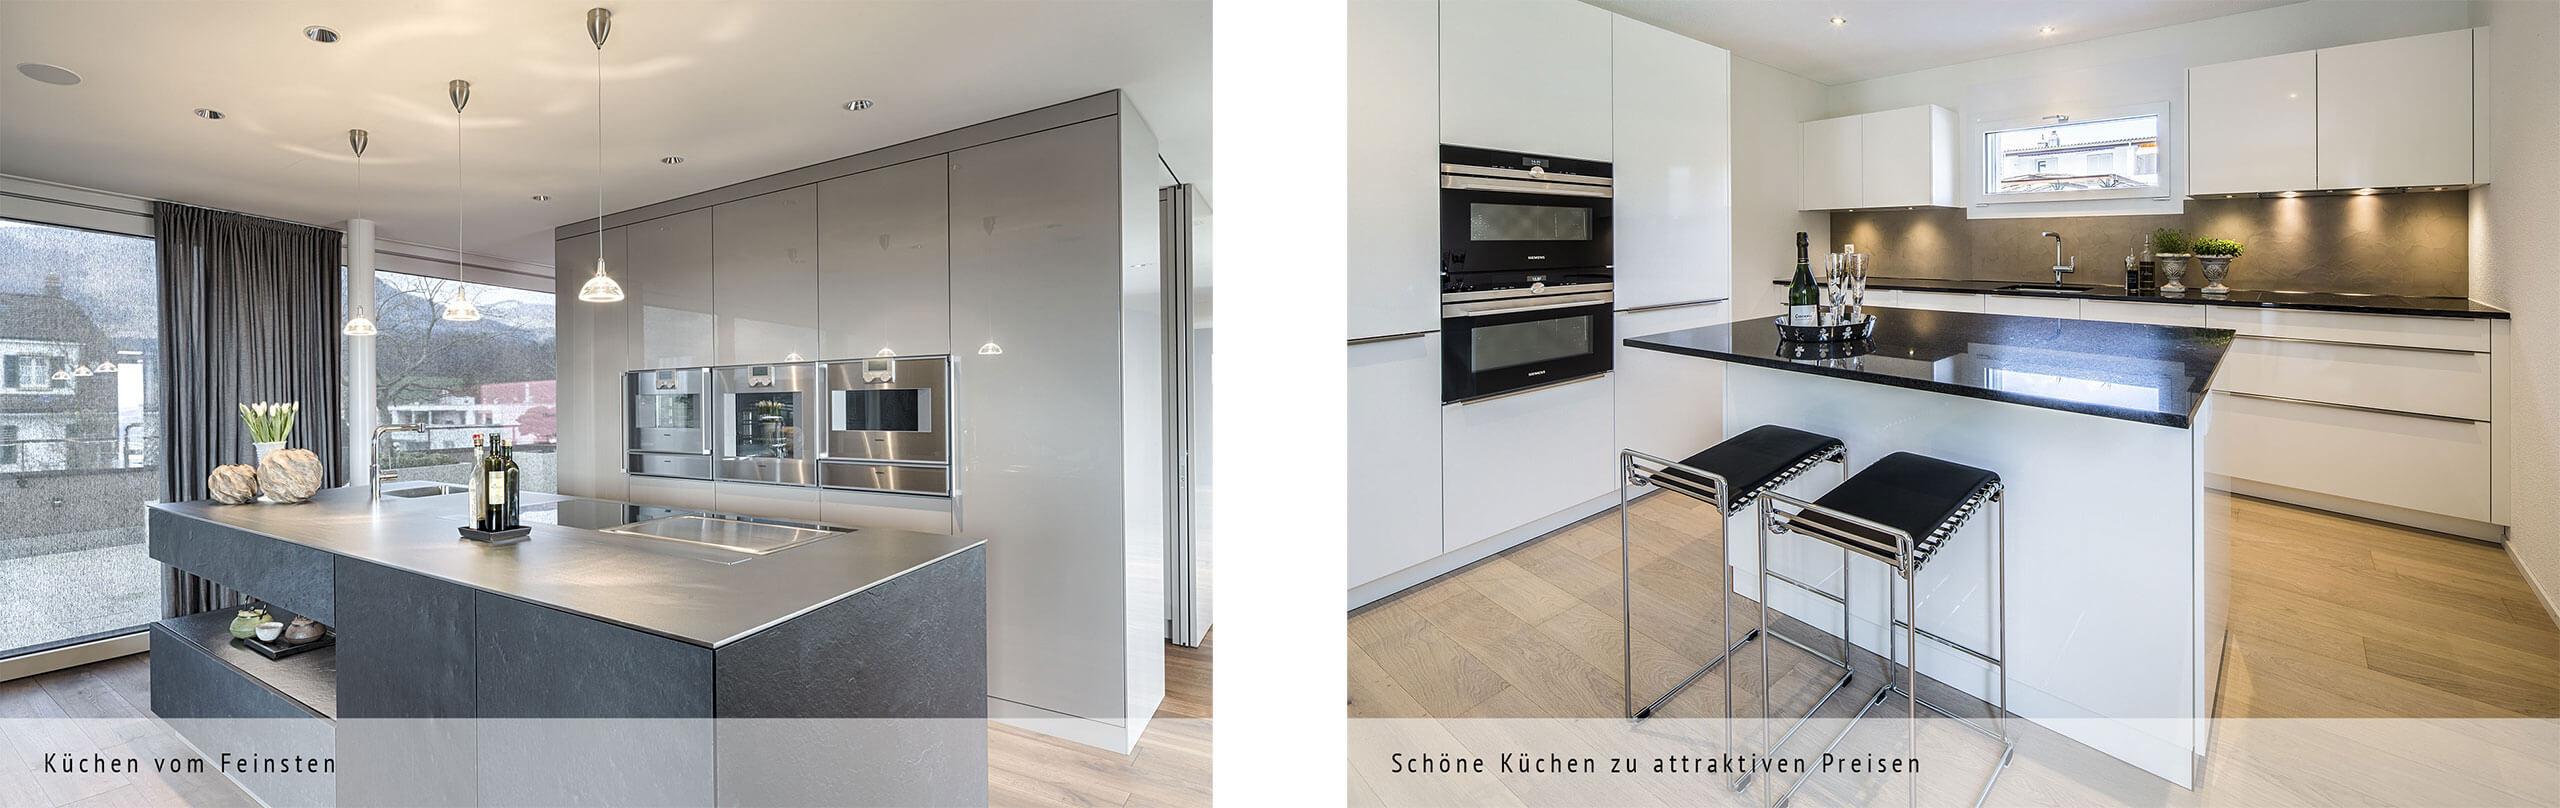 Design Küchen  Design Küchen Ihre neue Küche mit Design Küchen by Zbären